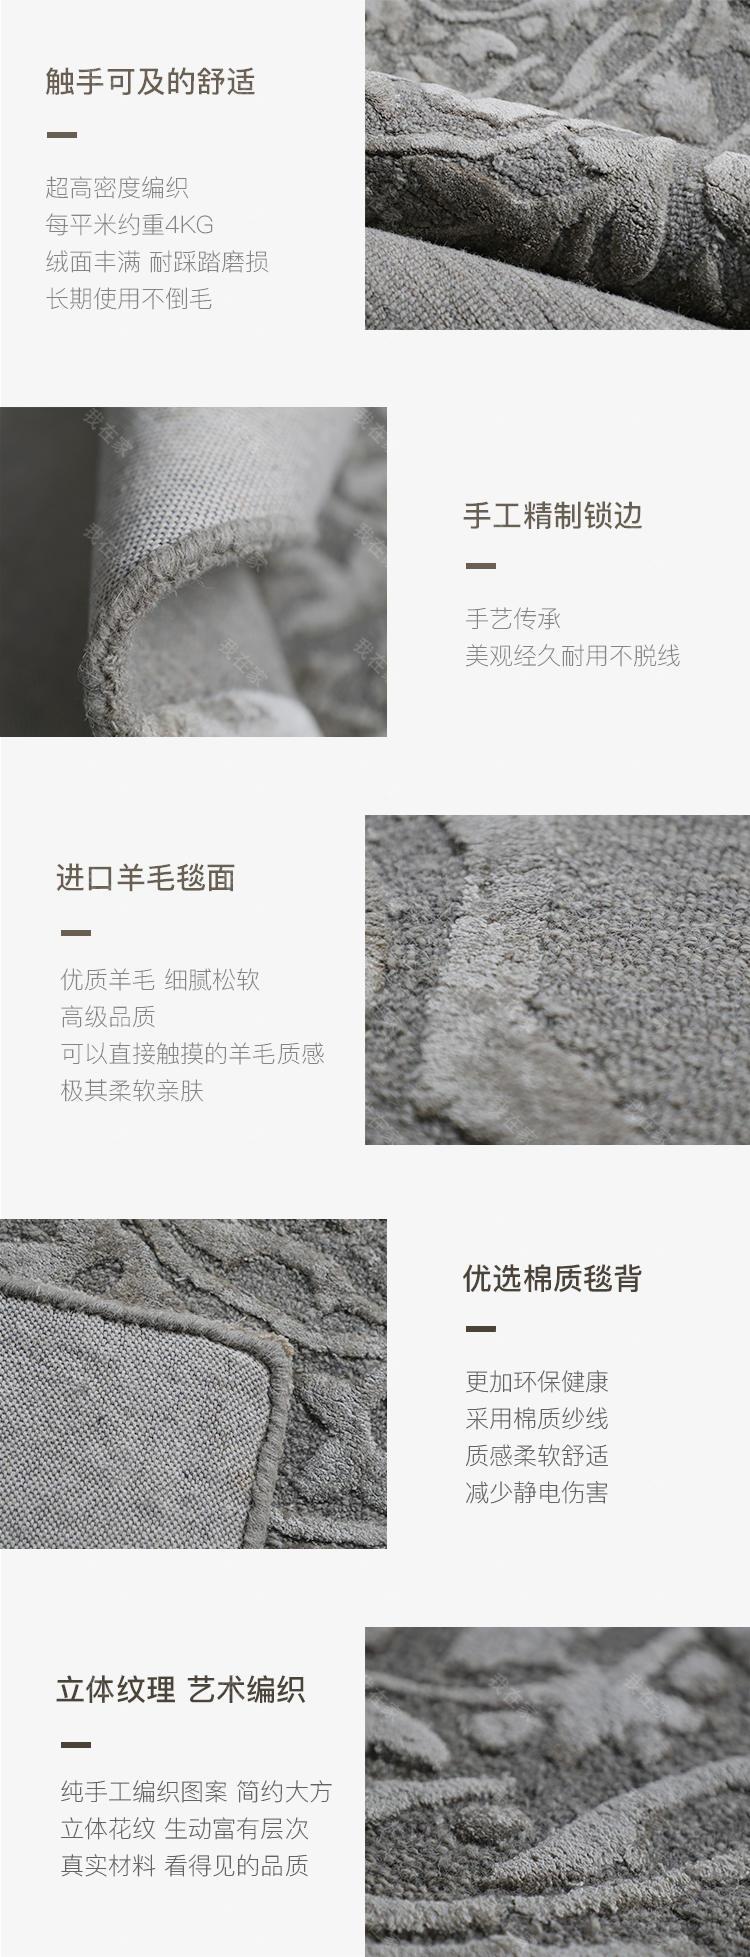 毯言织造品牌印度花型手工羊毛地毯的详细介绍